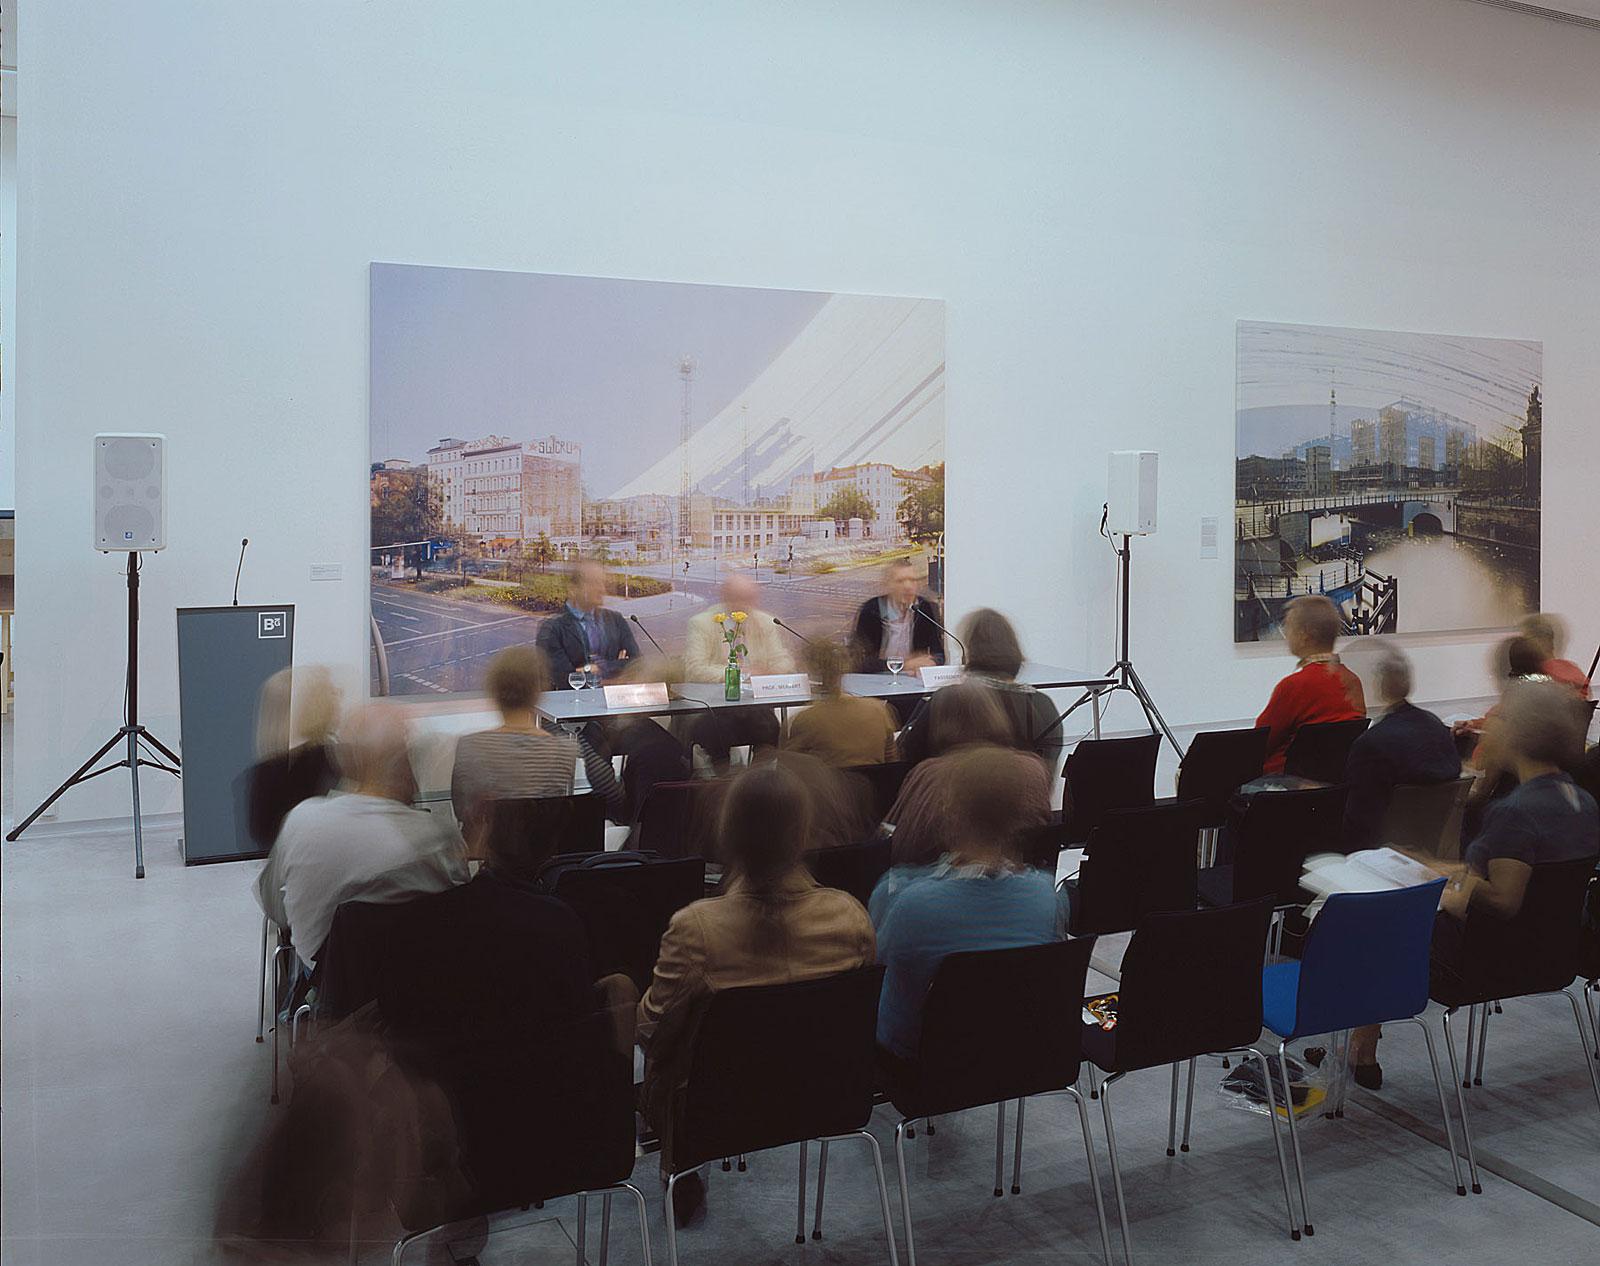 Pressekonferenz, Berlinische Galerie (11.22 - 11.27 Uhr, 17.9.2009)